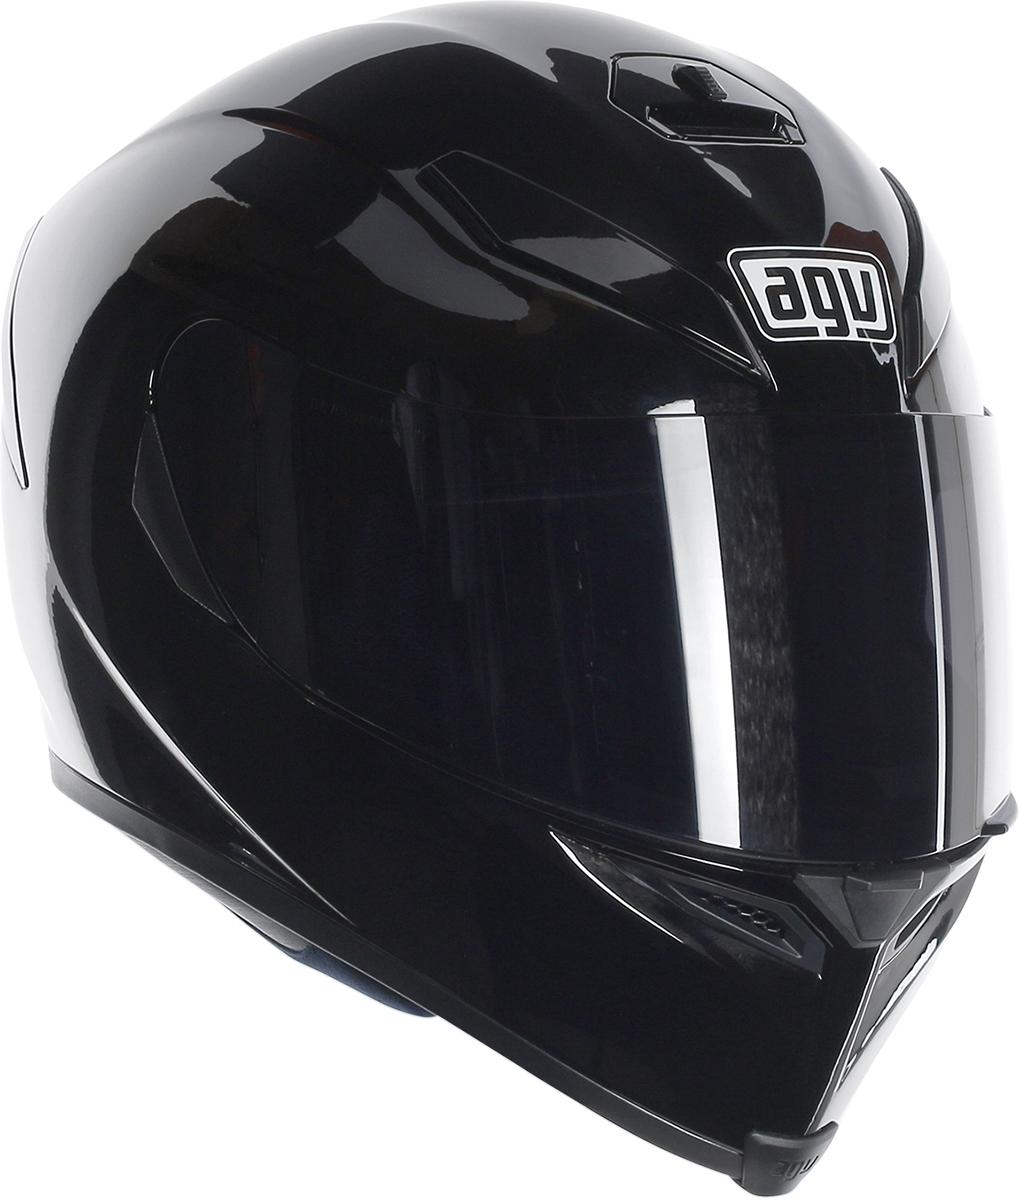 AGV K-5 Solid Color Helmet